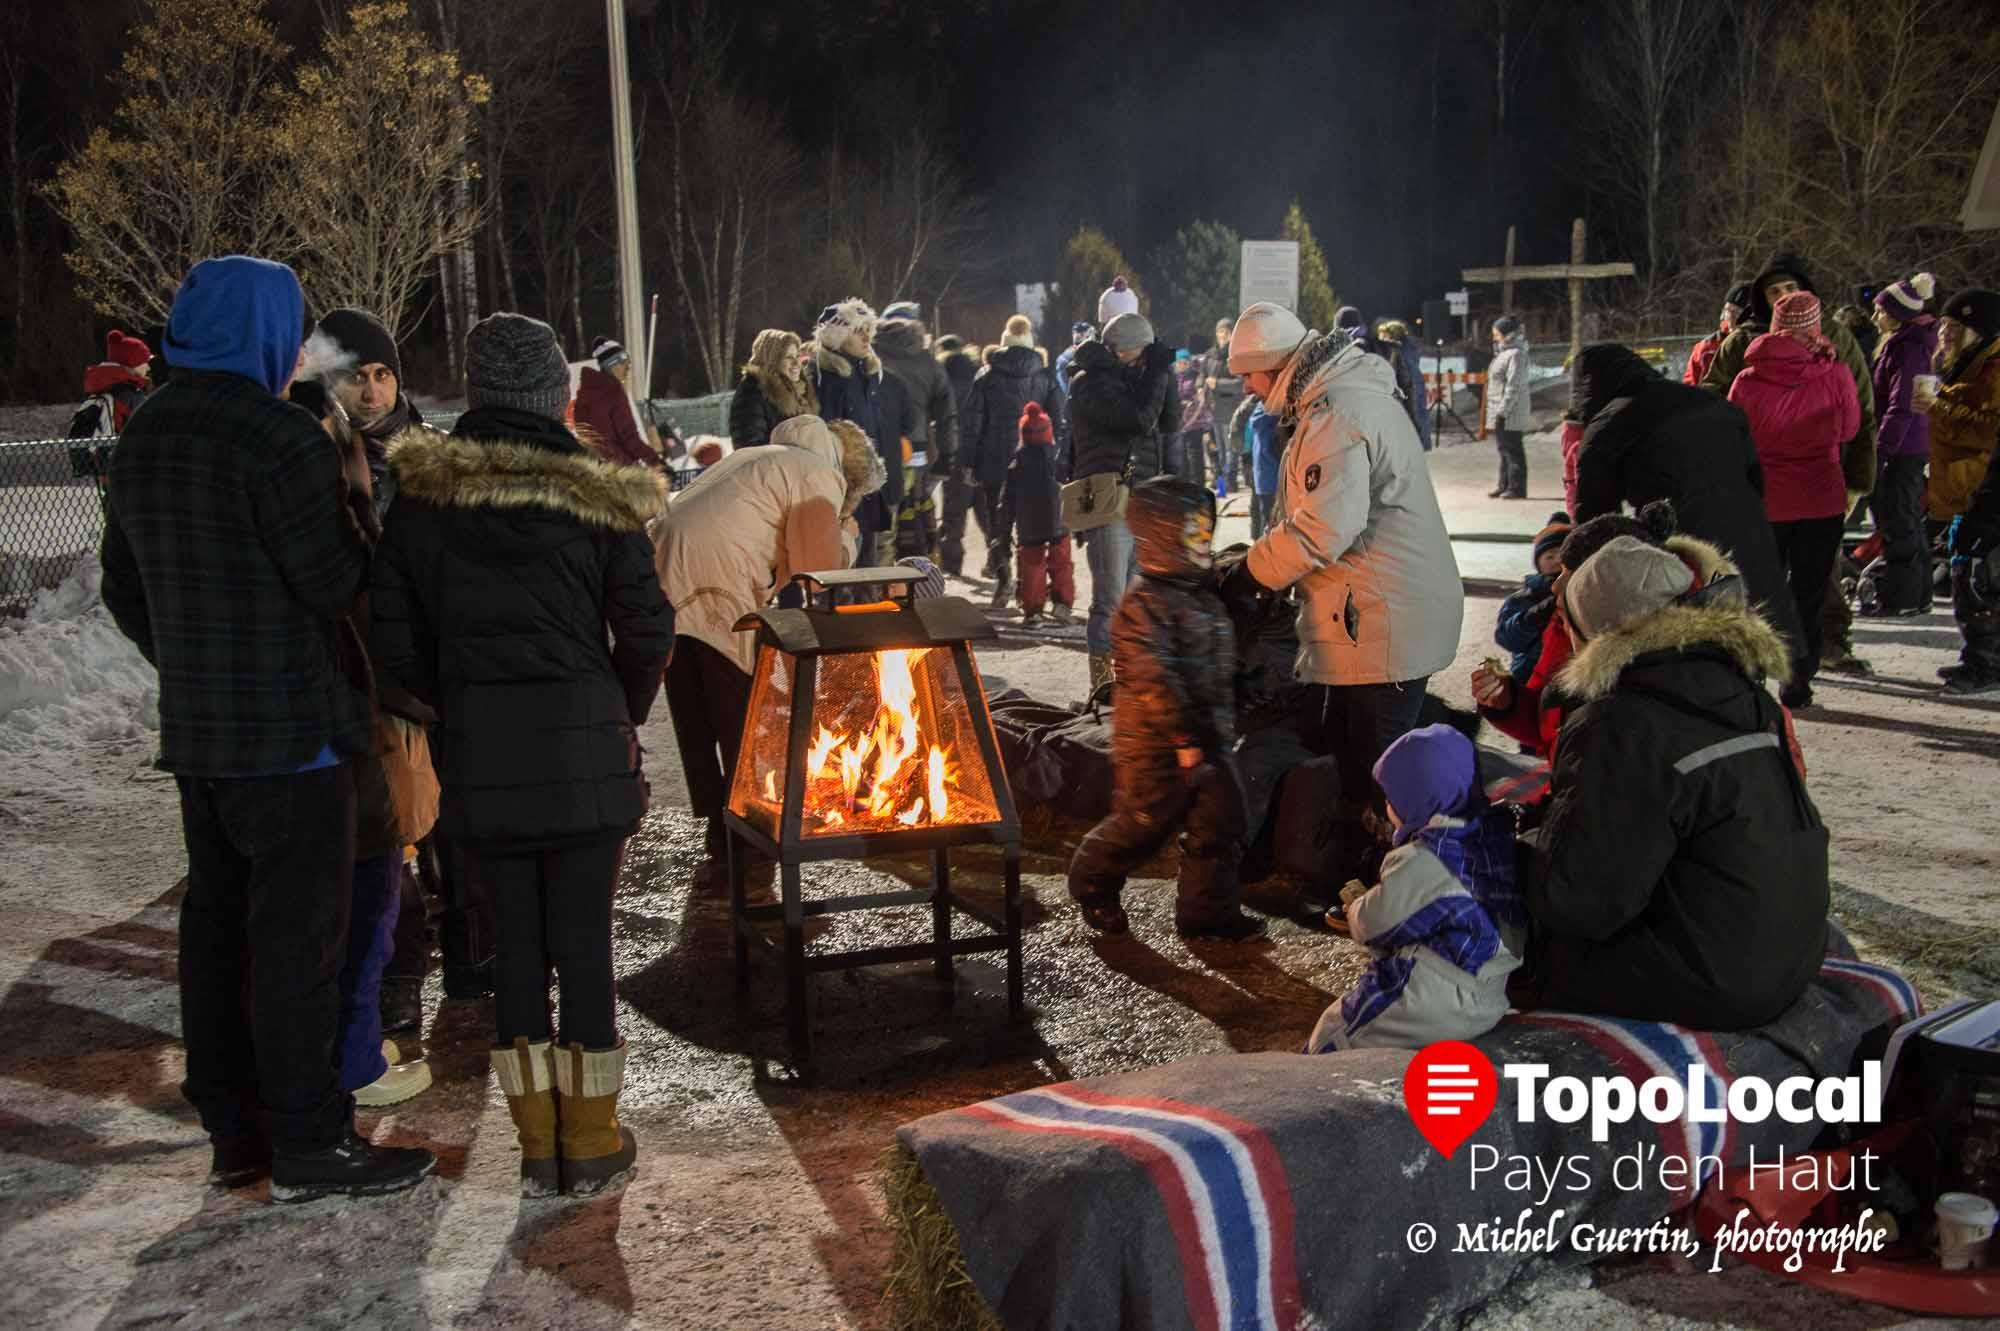 En attendant le feu d'artifice, les gens avaient la chance de se réchauffeur autour d'un beau feu de bois.